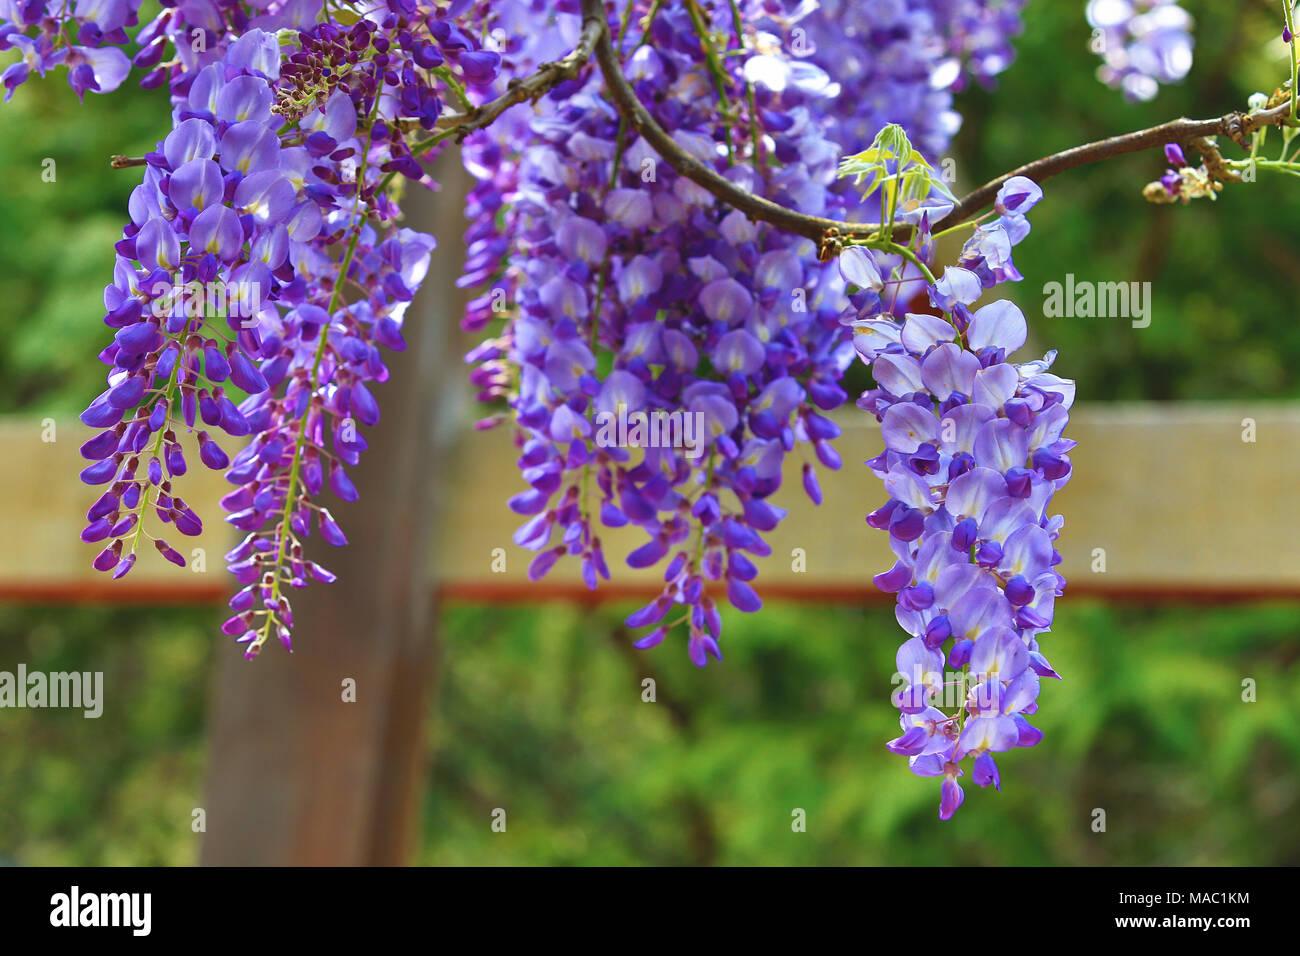 Purple wisteria flowersbeautiful scenery of purple with yellow purple wisteria flowersbeautiful scenery of purple with yellow flowers and buds blooming in the garden in spring bean treepurple vine mightylinksfo